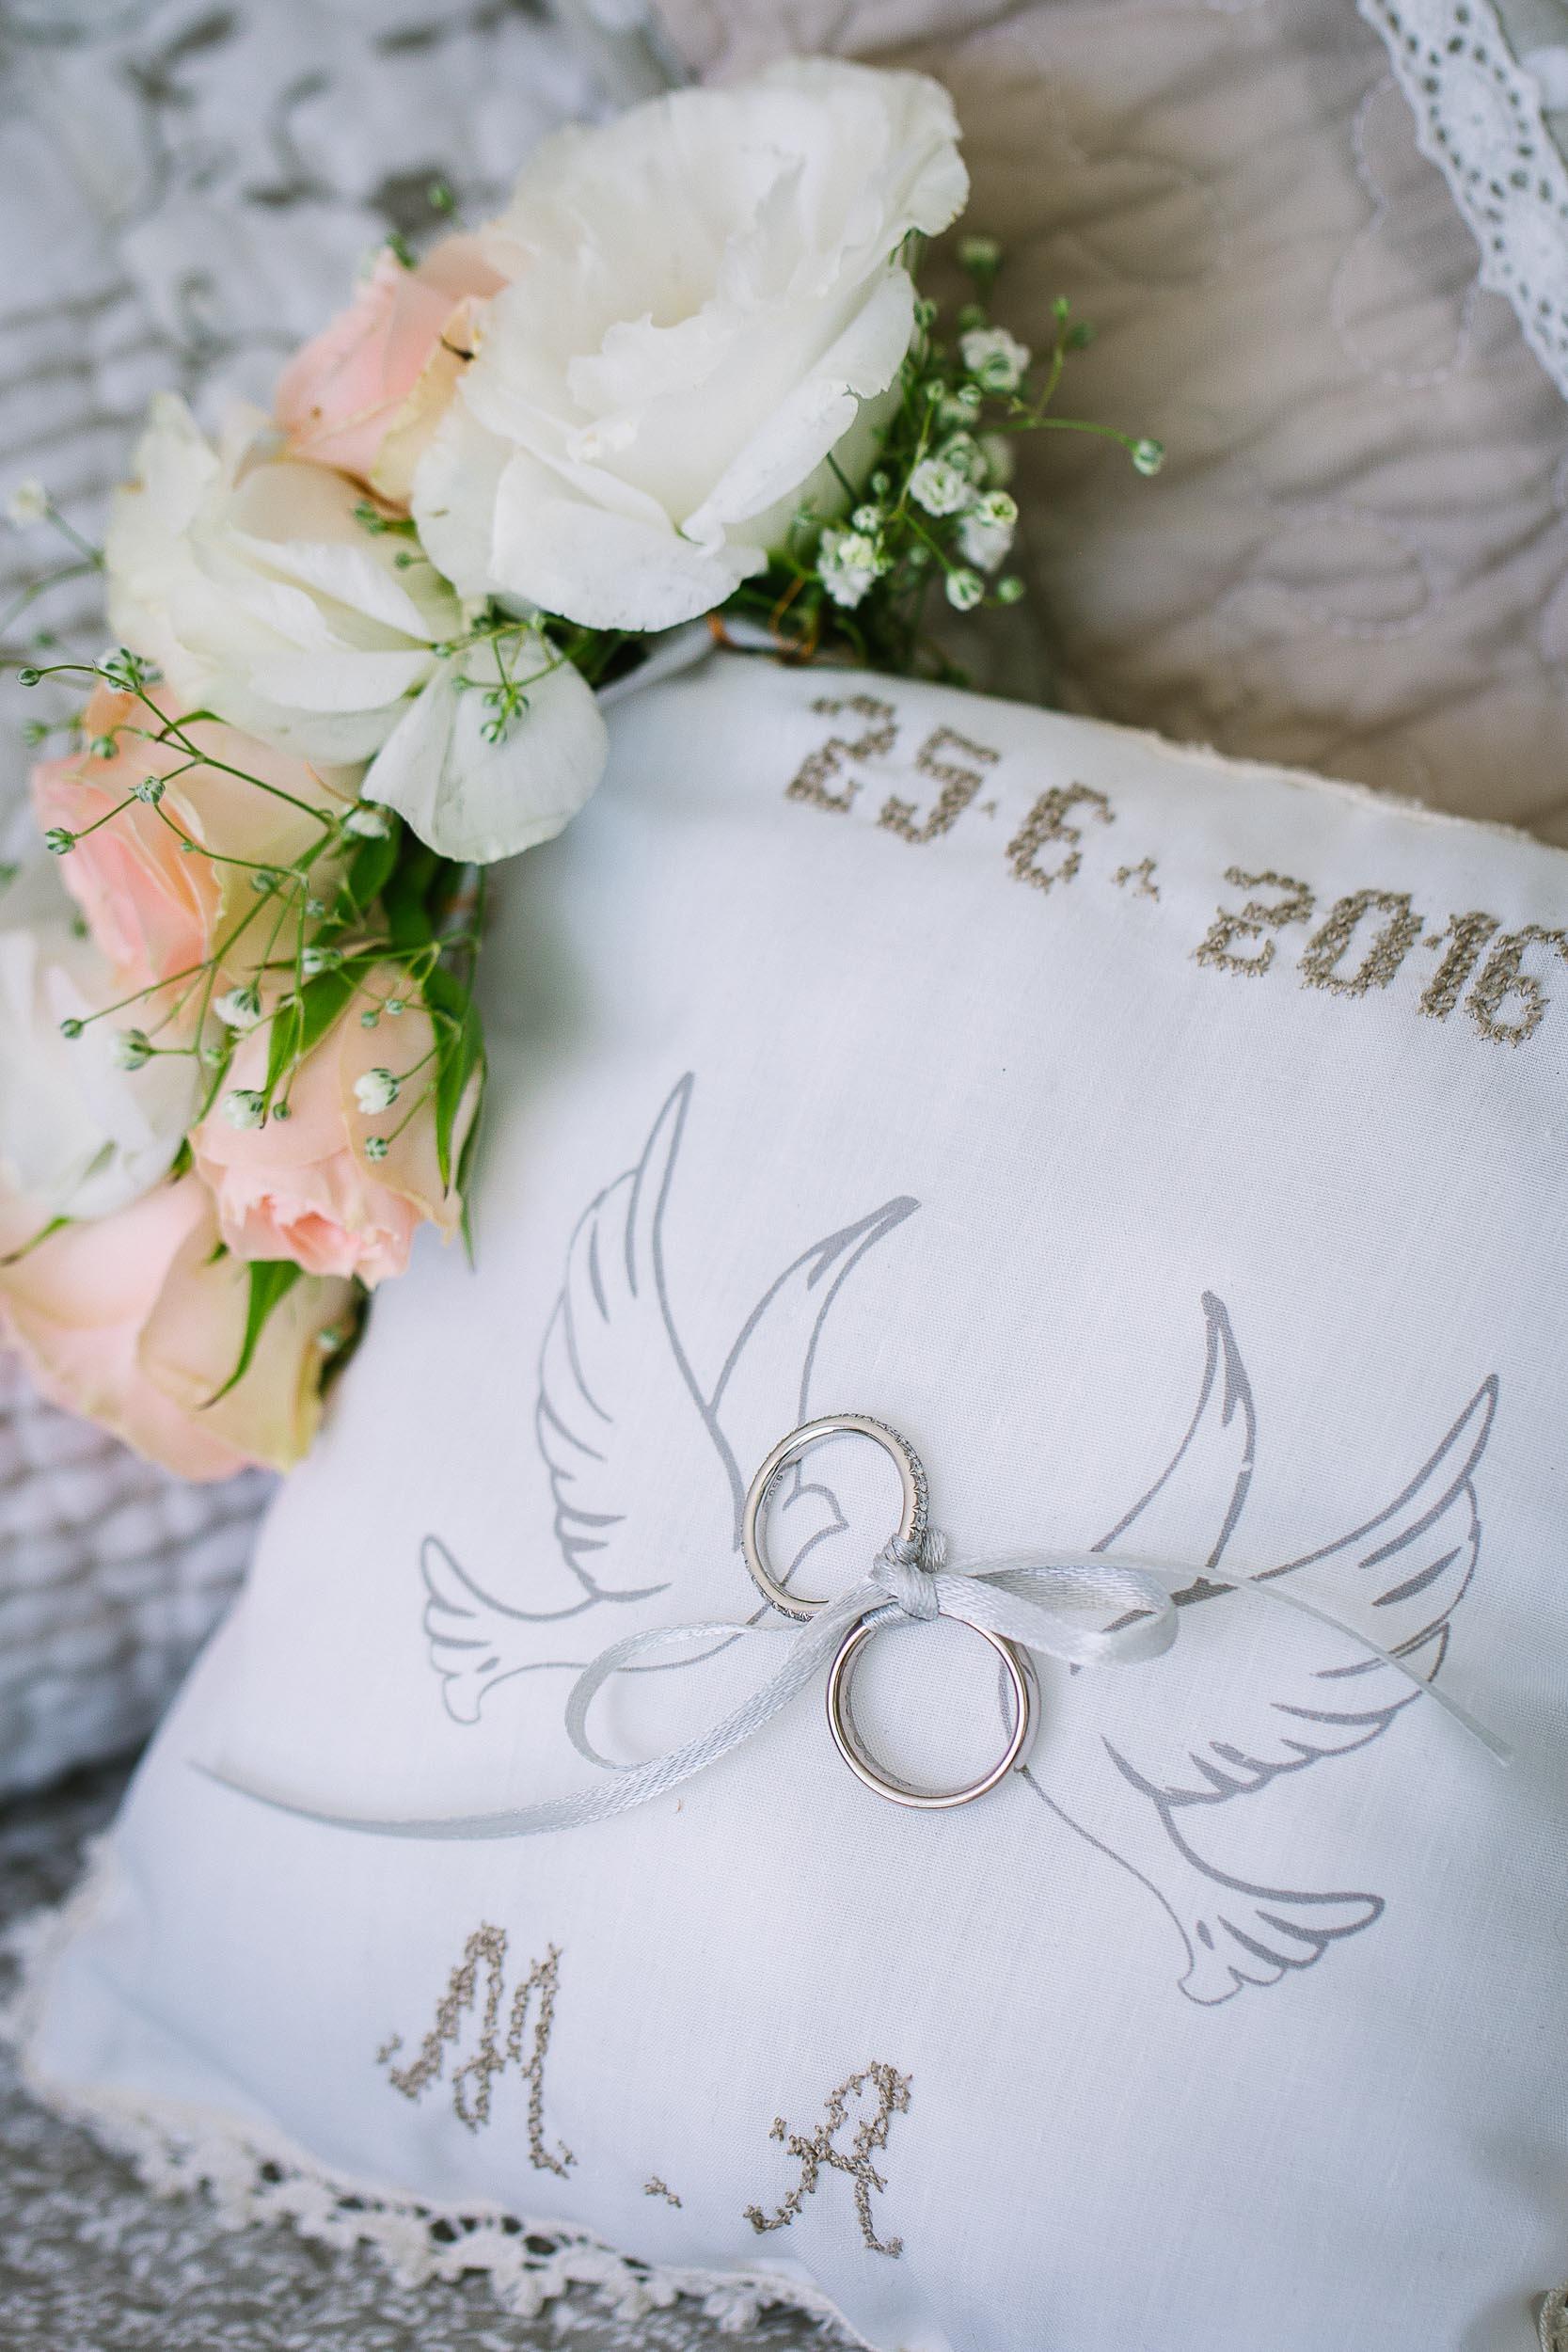 017-Melanie-Aurelien-Wedding-8560-col.jpg